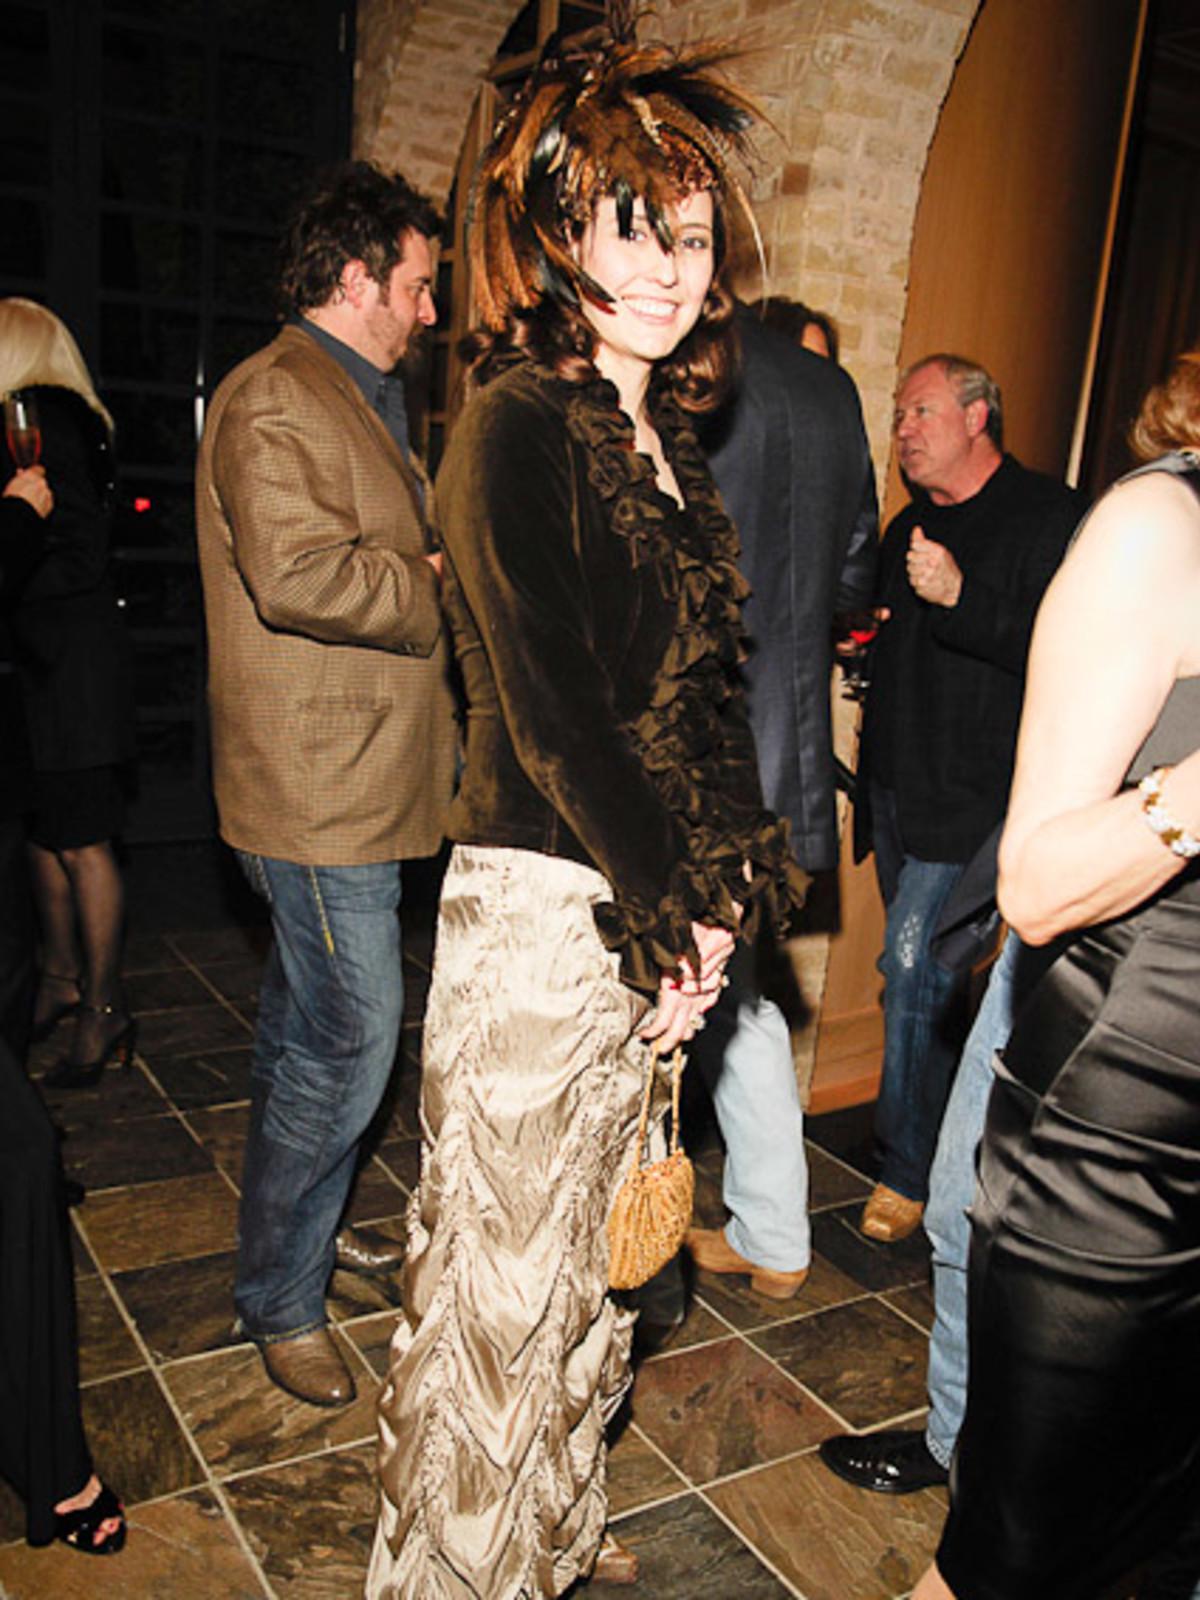 News_Vogue at Becca_Feb. 2010_Betsy Eason